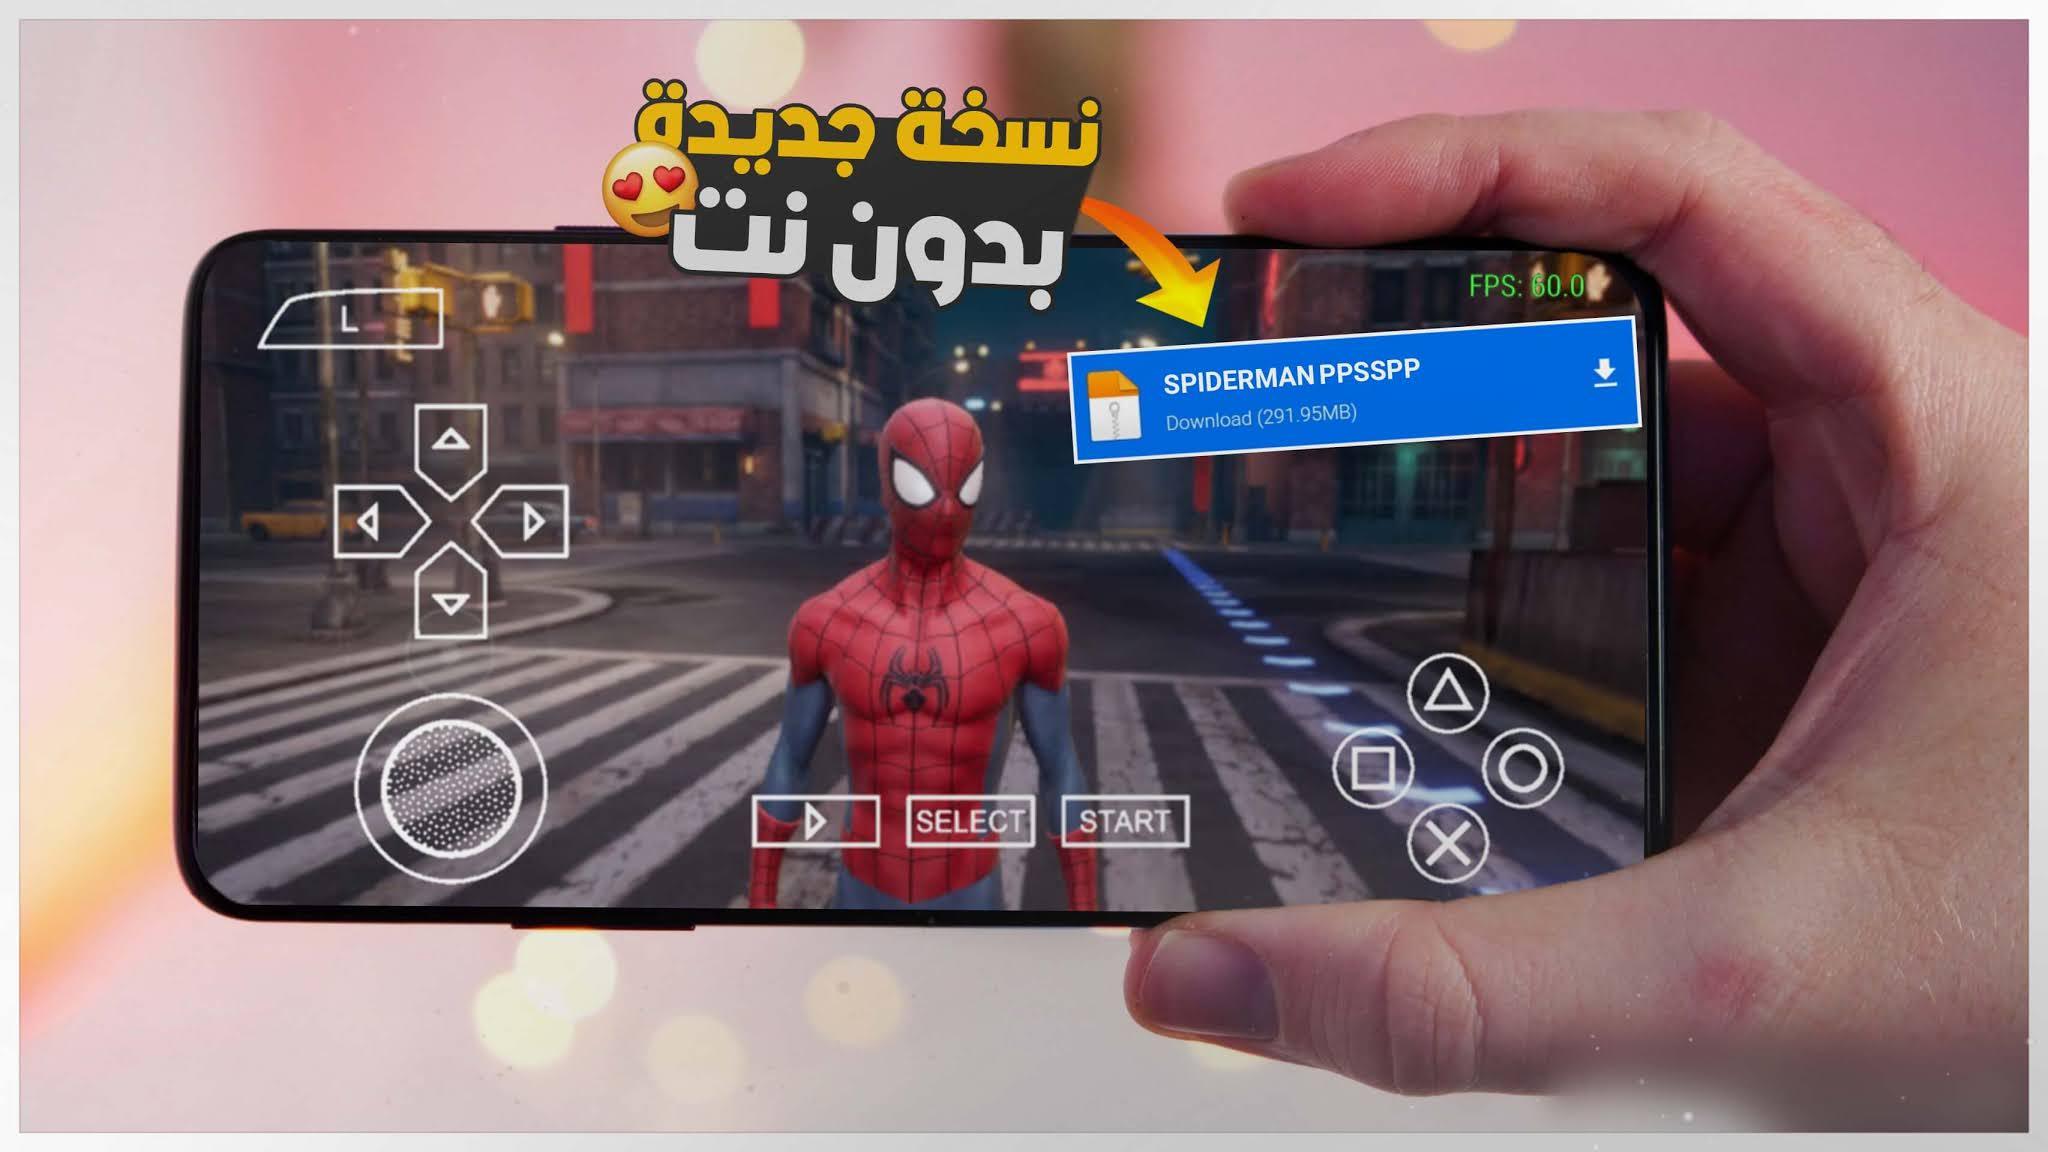 اخيرا تحميل لعبة spider man miles morales للاندرويد ppsspp بحجم صغير 30MB من ميديا فاير | Download Spider- Man for ppsspp